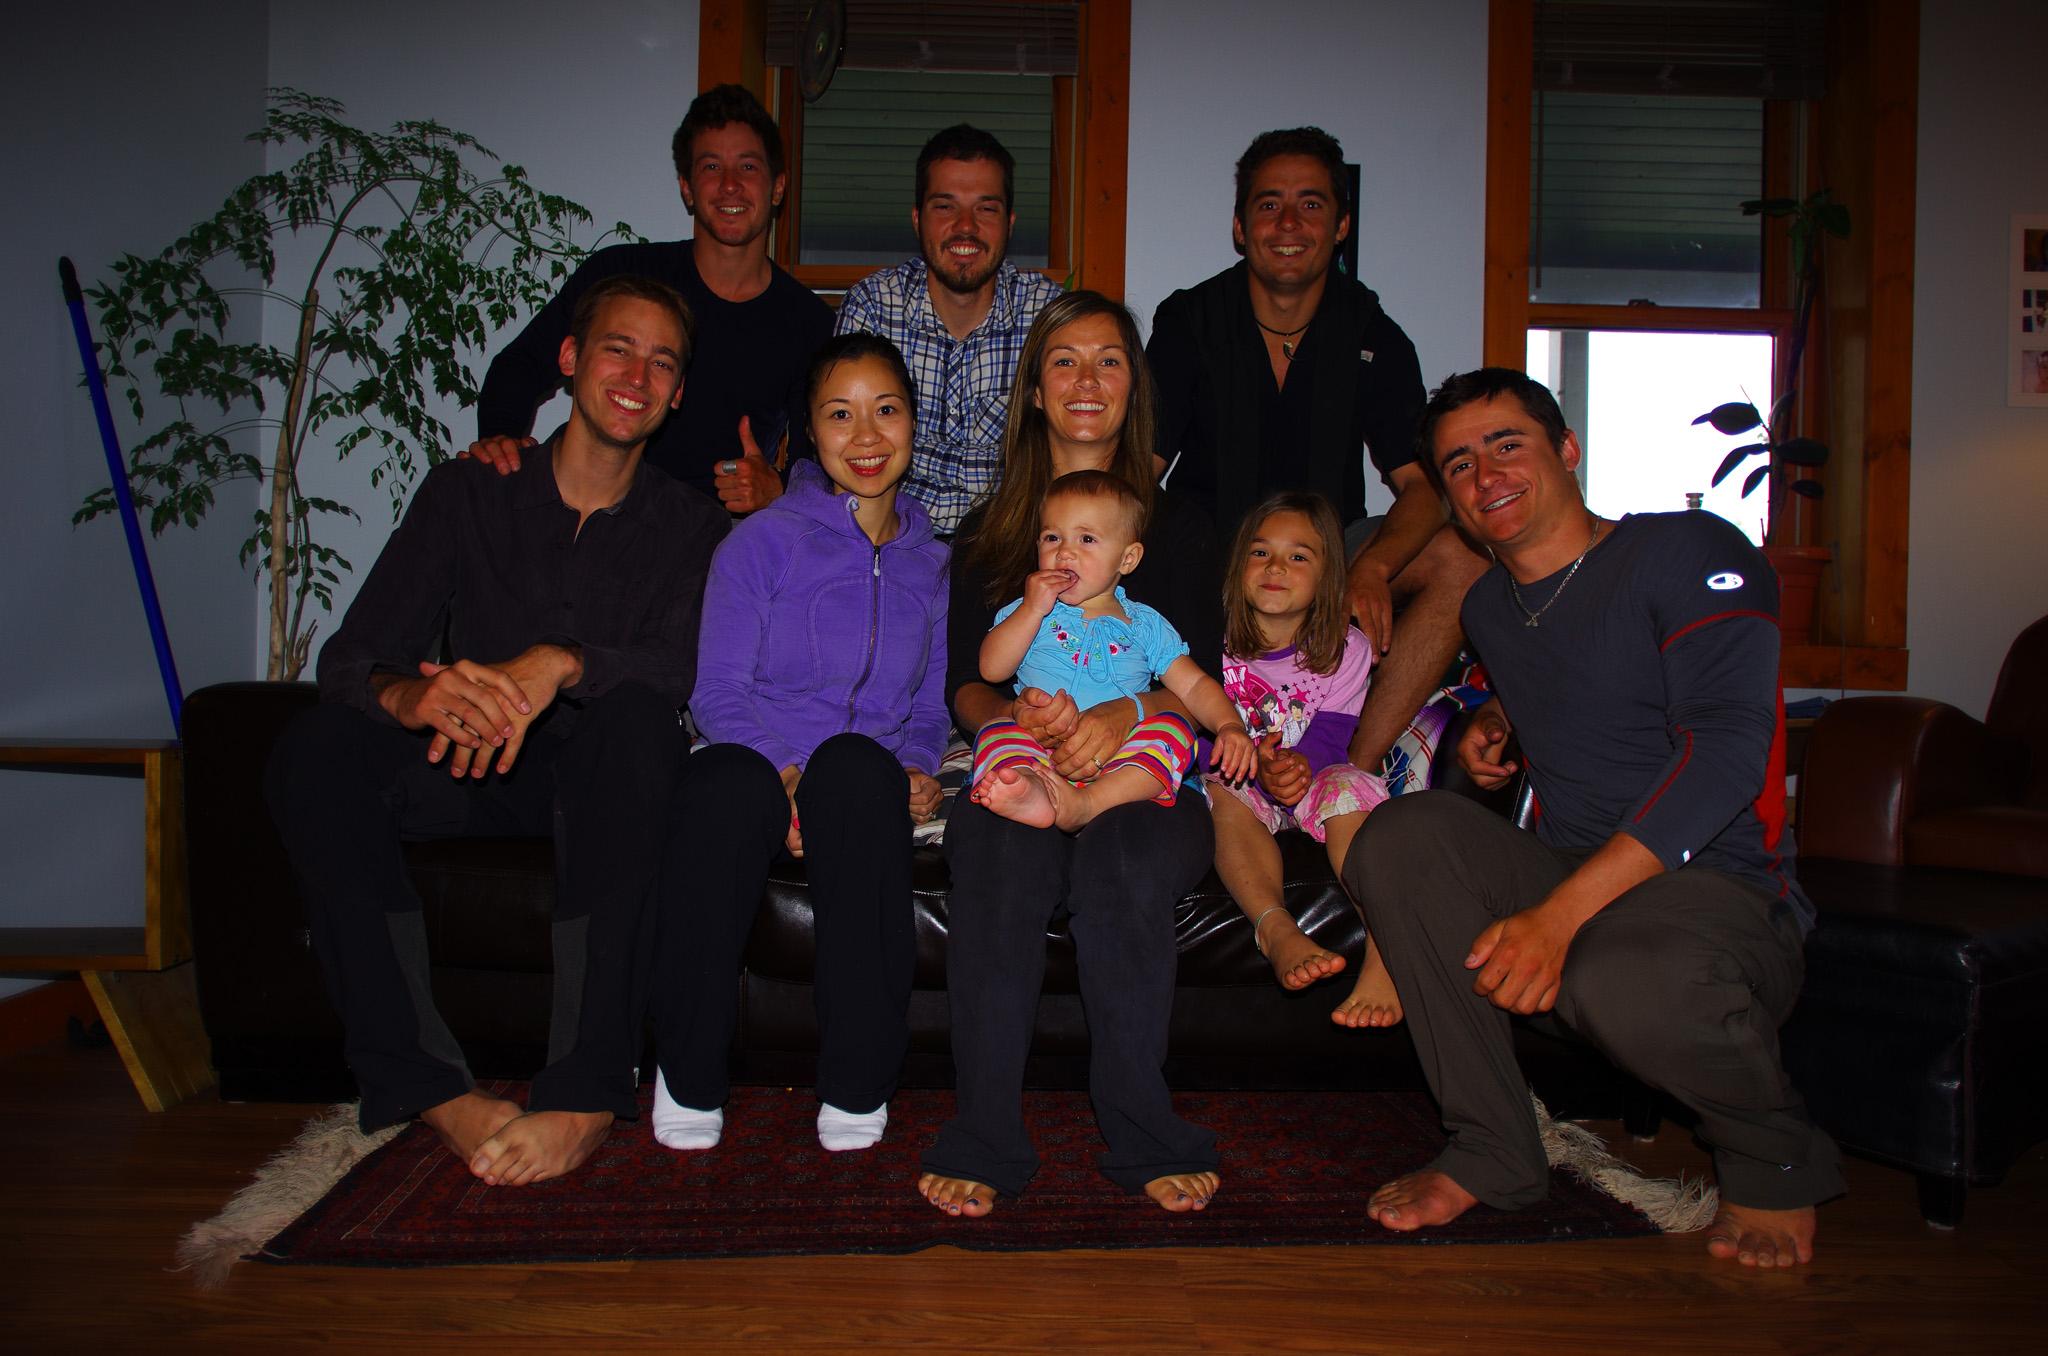 Etienne est en train de faire un parcours à vélo remarquable : parti depuis Innuvik au nord du Canada, il va se rendre à Ushuaia, ou nous étions il y a 18 mois (voir www.cycloexpeditionamericas.com/). Sur sa route, il s'arrête chez son cousin chez qui il nous invite à venir planter notre tente après notre périple en radeau sur le Yukon. Lisa nous offrira un délicieux repas le soir-même en compagnie de ses enfants, Alexis et son bébé de presque un an. Kim, gérante d'un hôtel dans la ville, nous offre deux nuits pour profiter de notre temps à Dawson les deux jours d'après !!